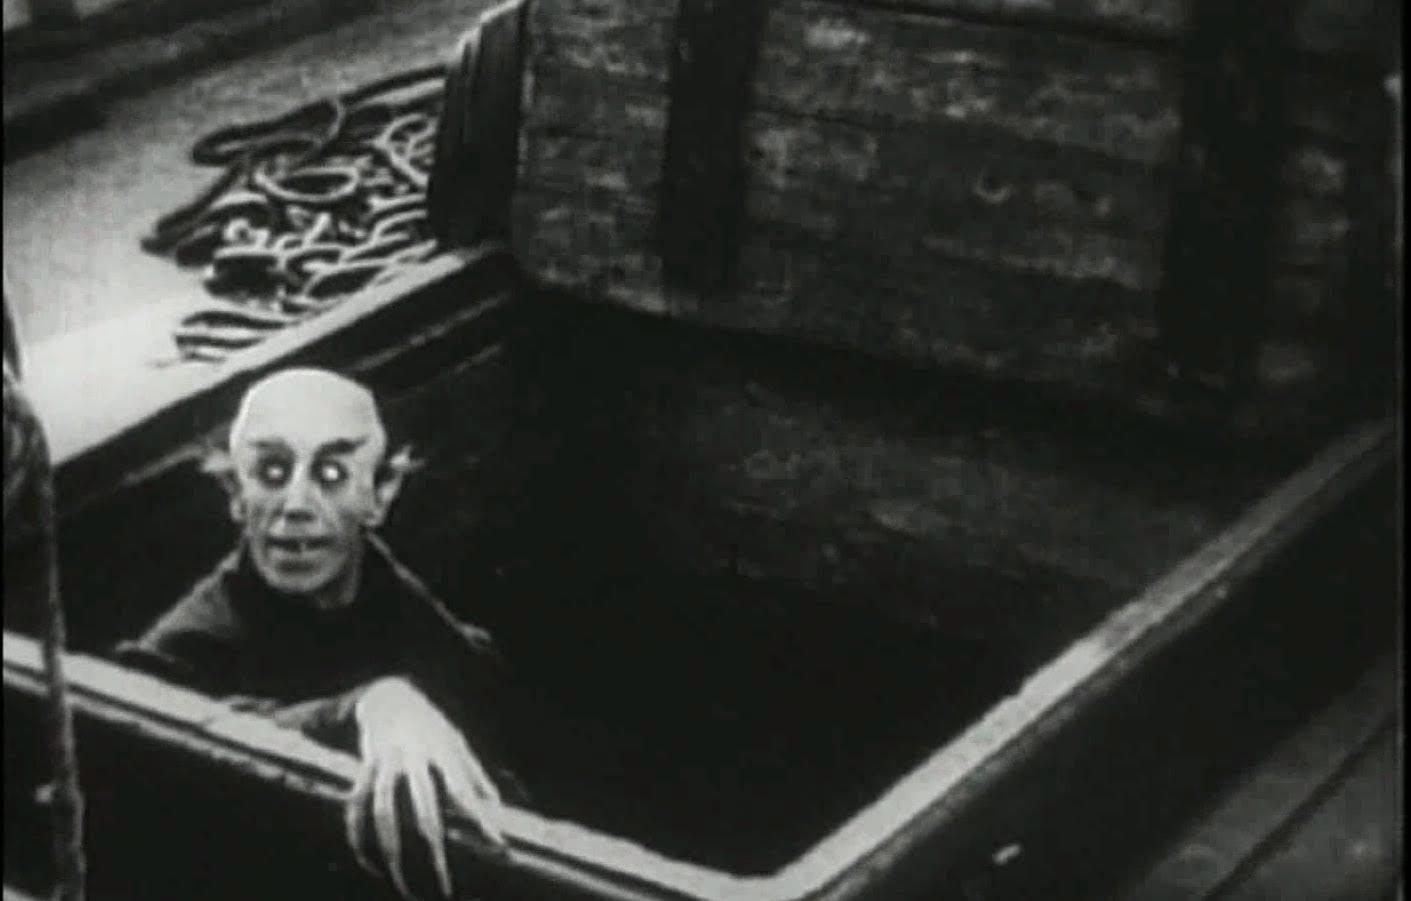 Nosferatu-1922-still-1.jpg